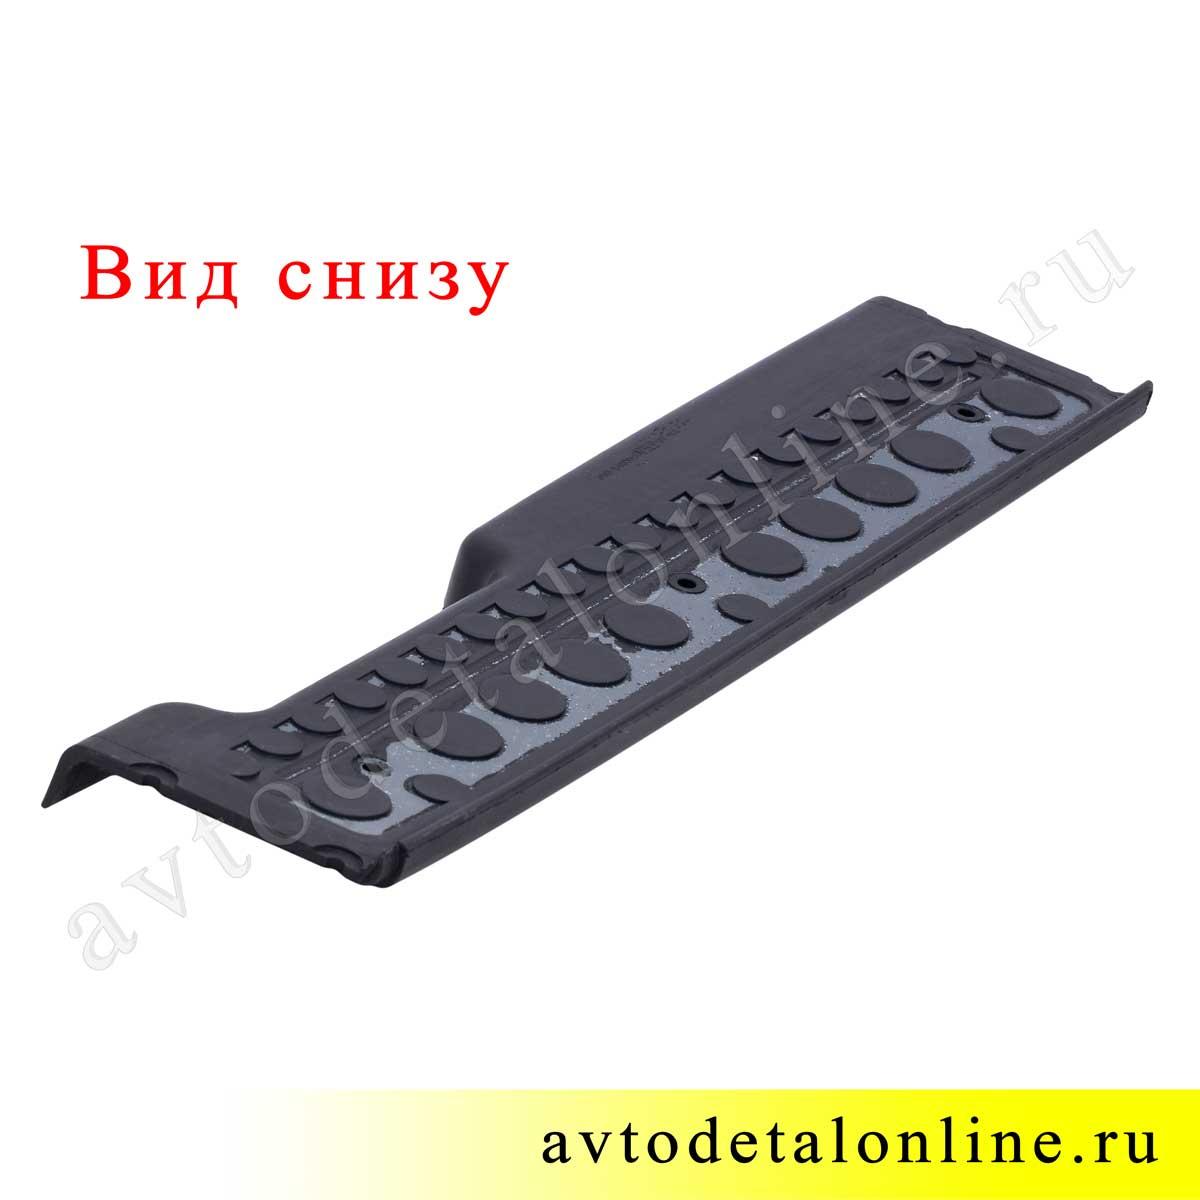 книга по ремонту и эксплуатации ваз 21074 инжектор торрент